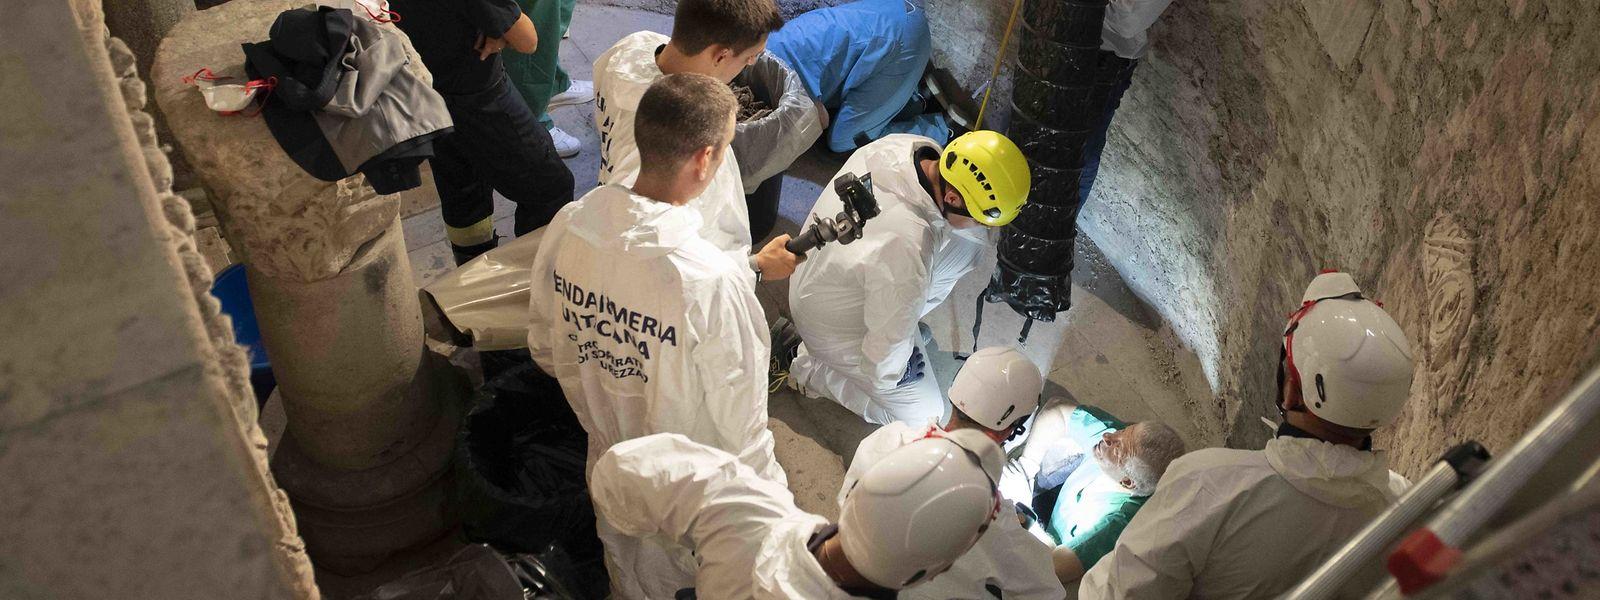 Die Ermittler fanden hunderte von Knochen, die jetzt forensisch untersucht werden.